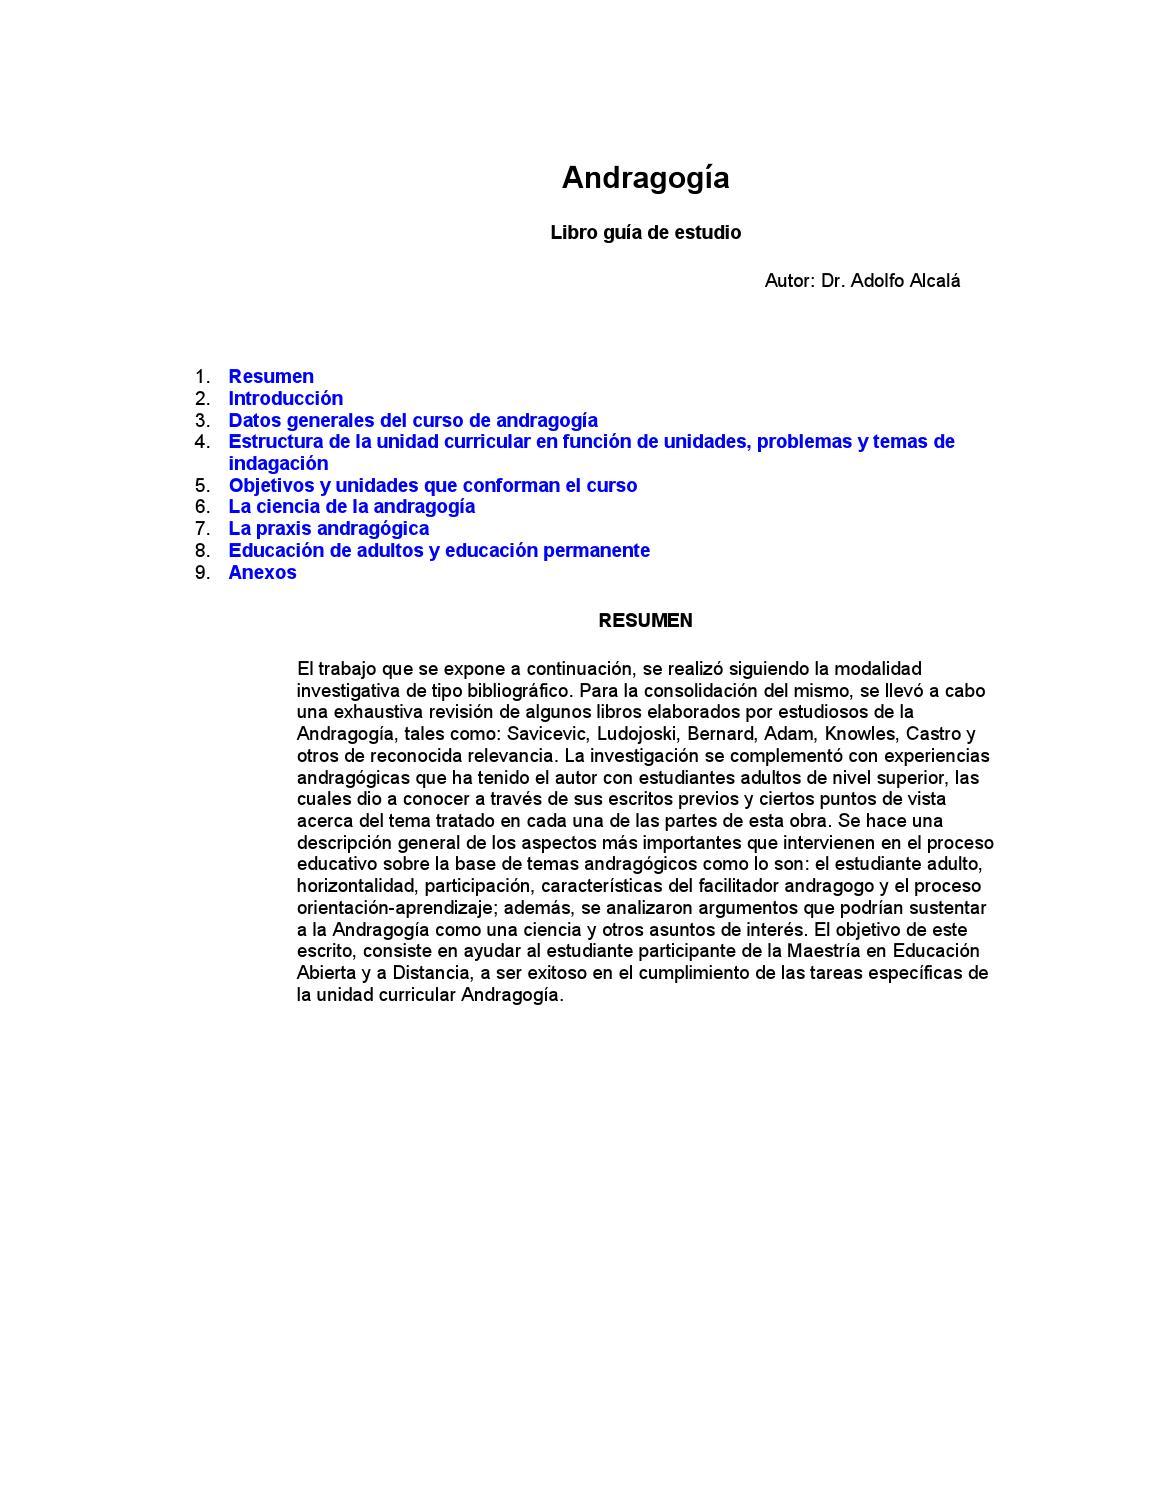 Andragogía libro completo by carlos interiano - issuu